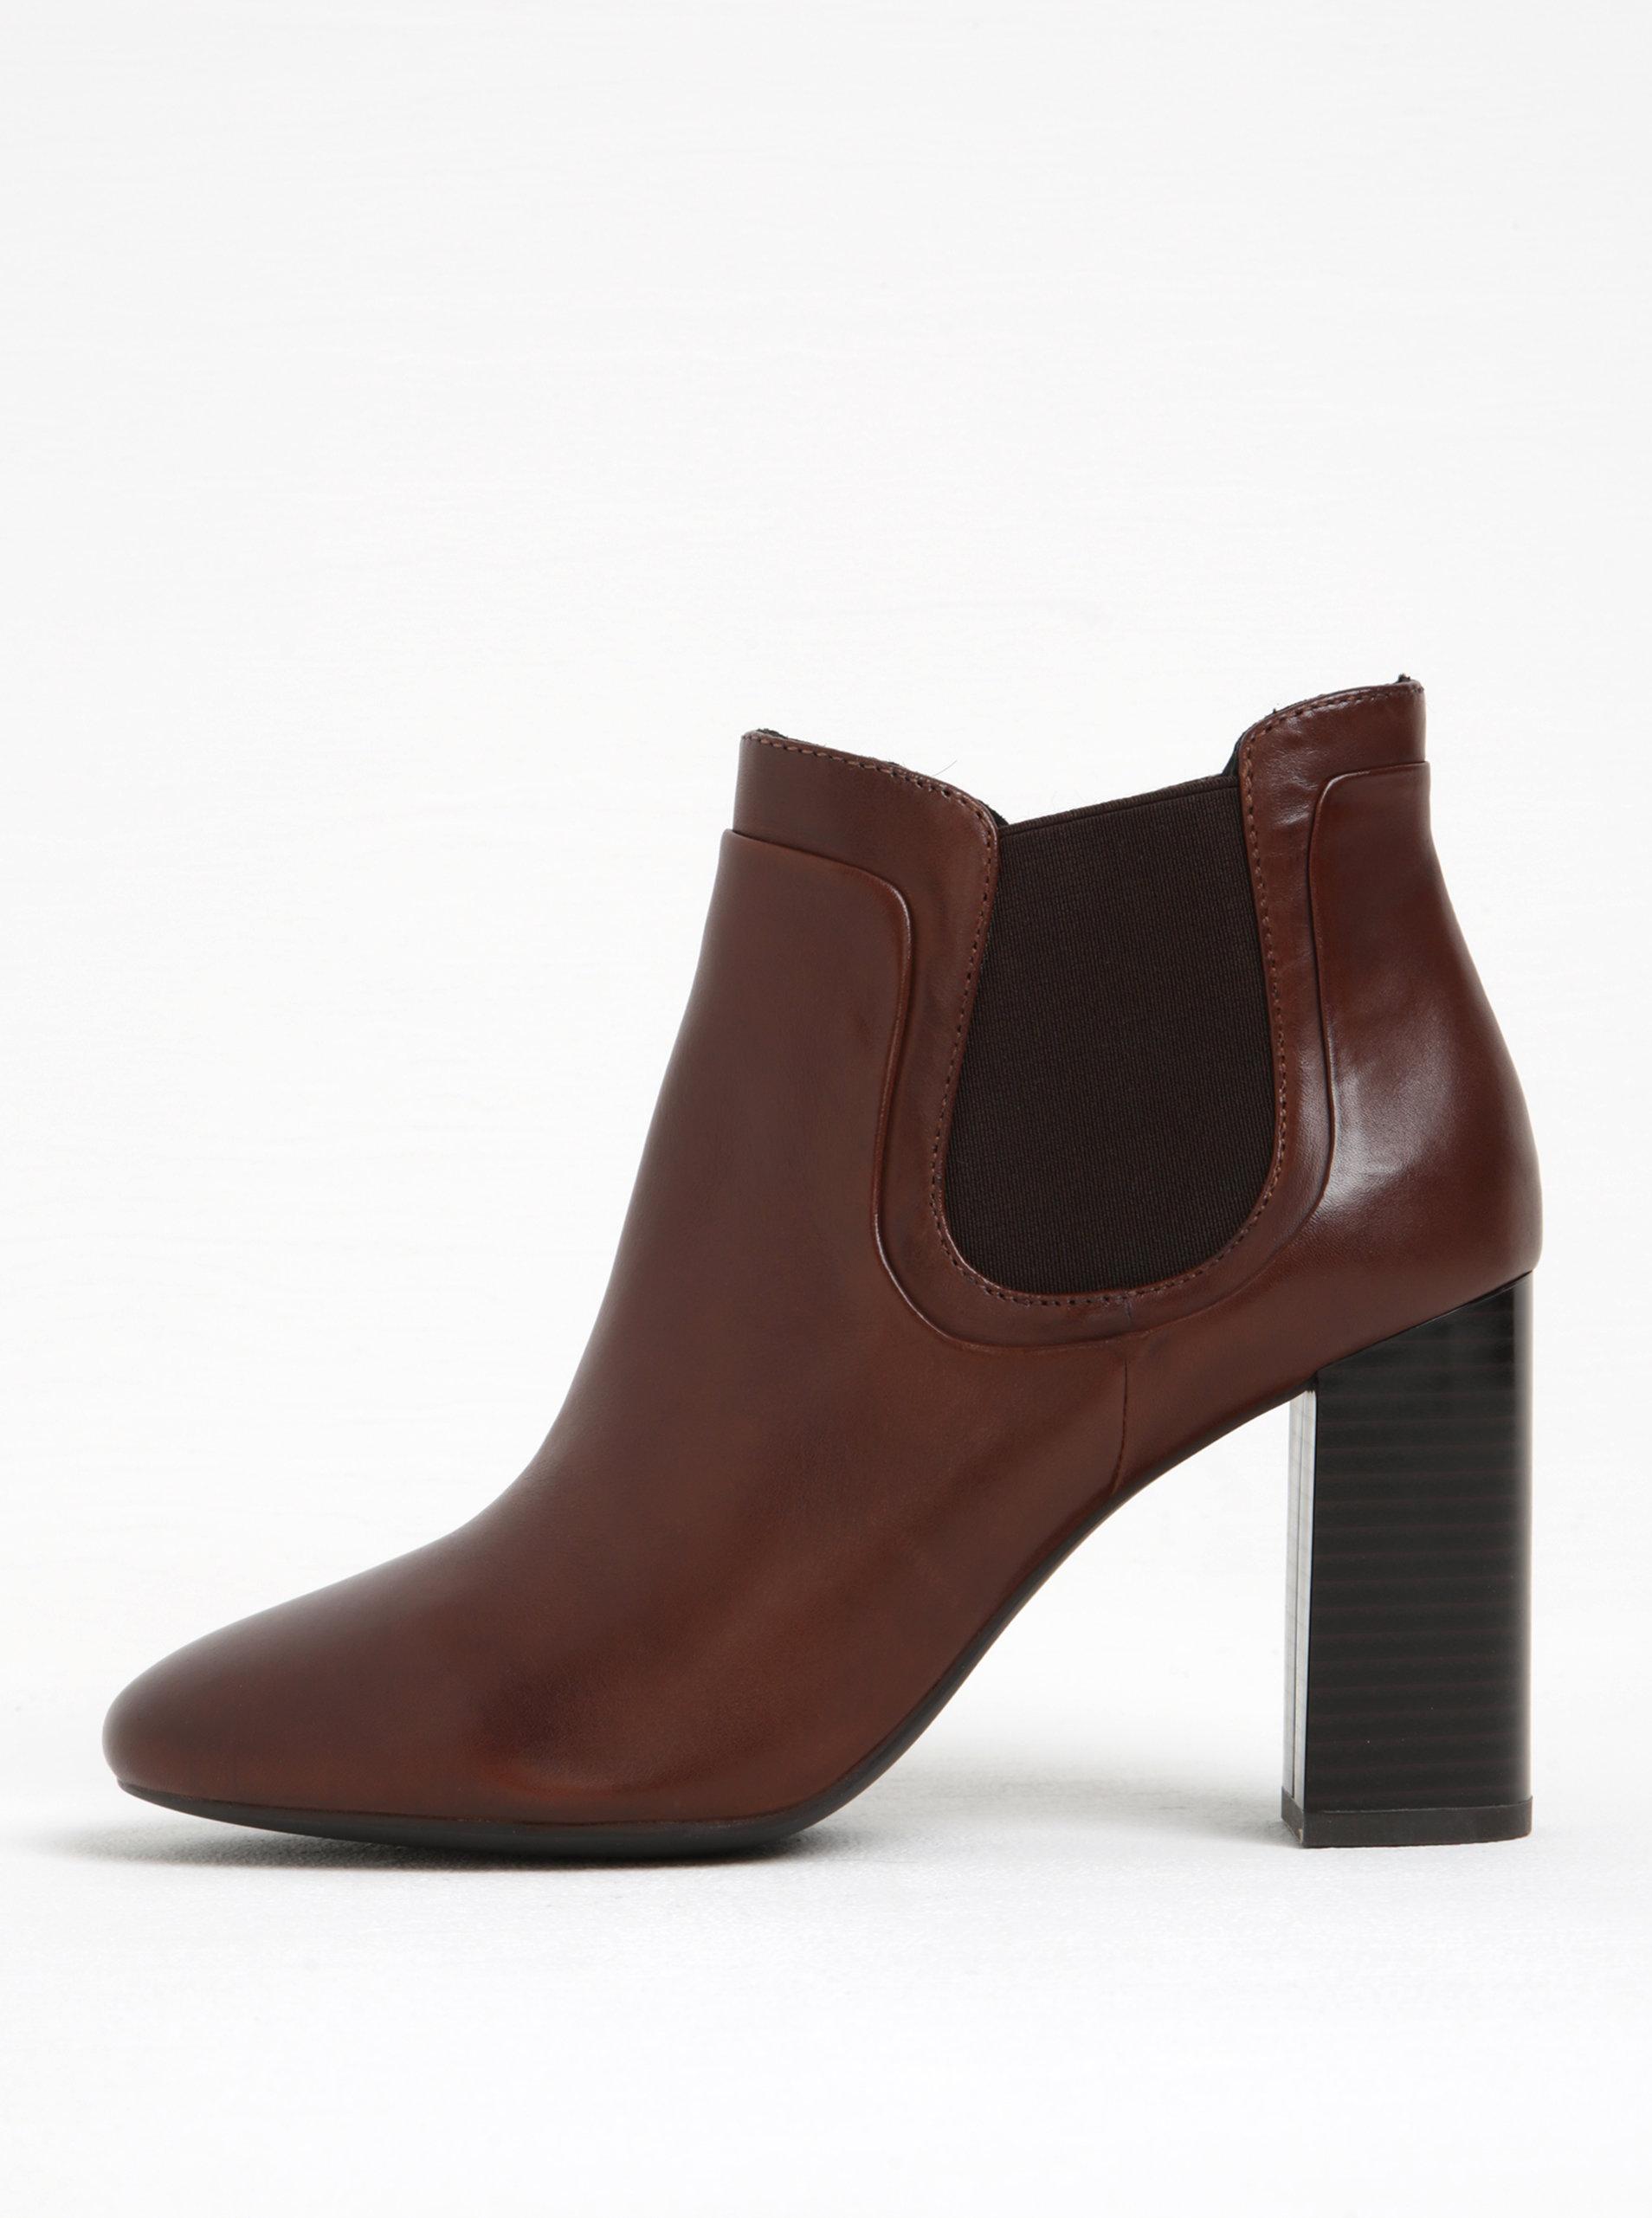 5d5571d8b49d Hnedé dámske kožené chelsea topánky na vysokom podpätku Geox Audalies ...